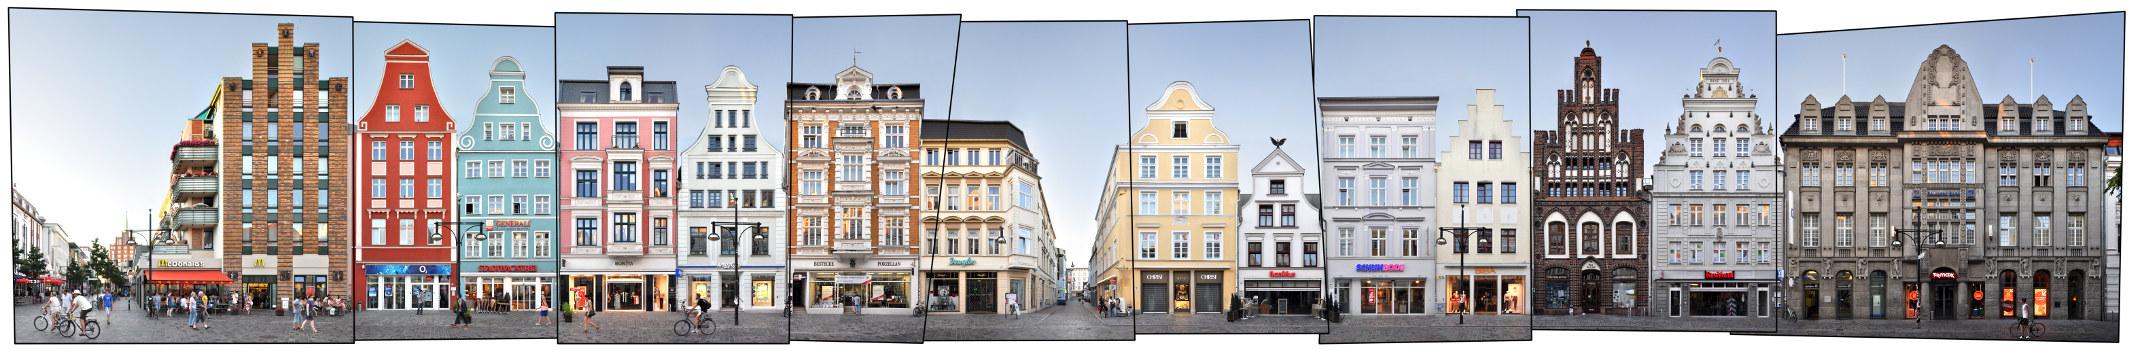 Rostock Kröpeliner Straße Deutschland Germany